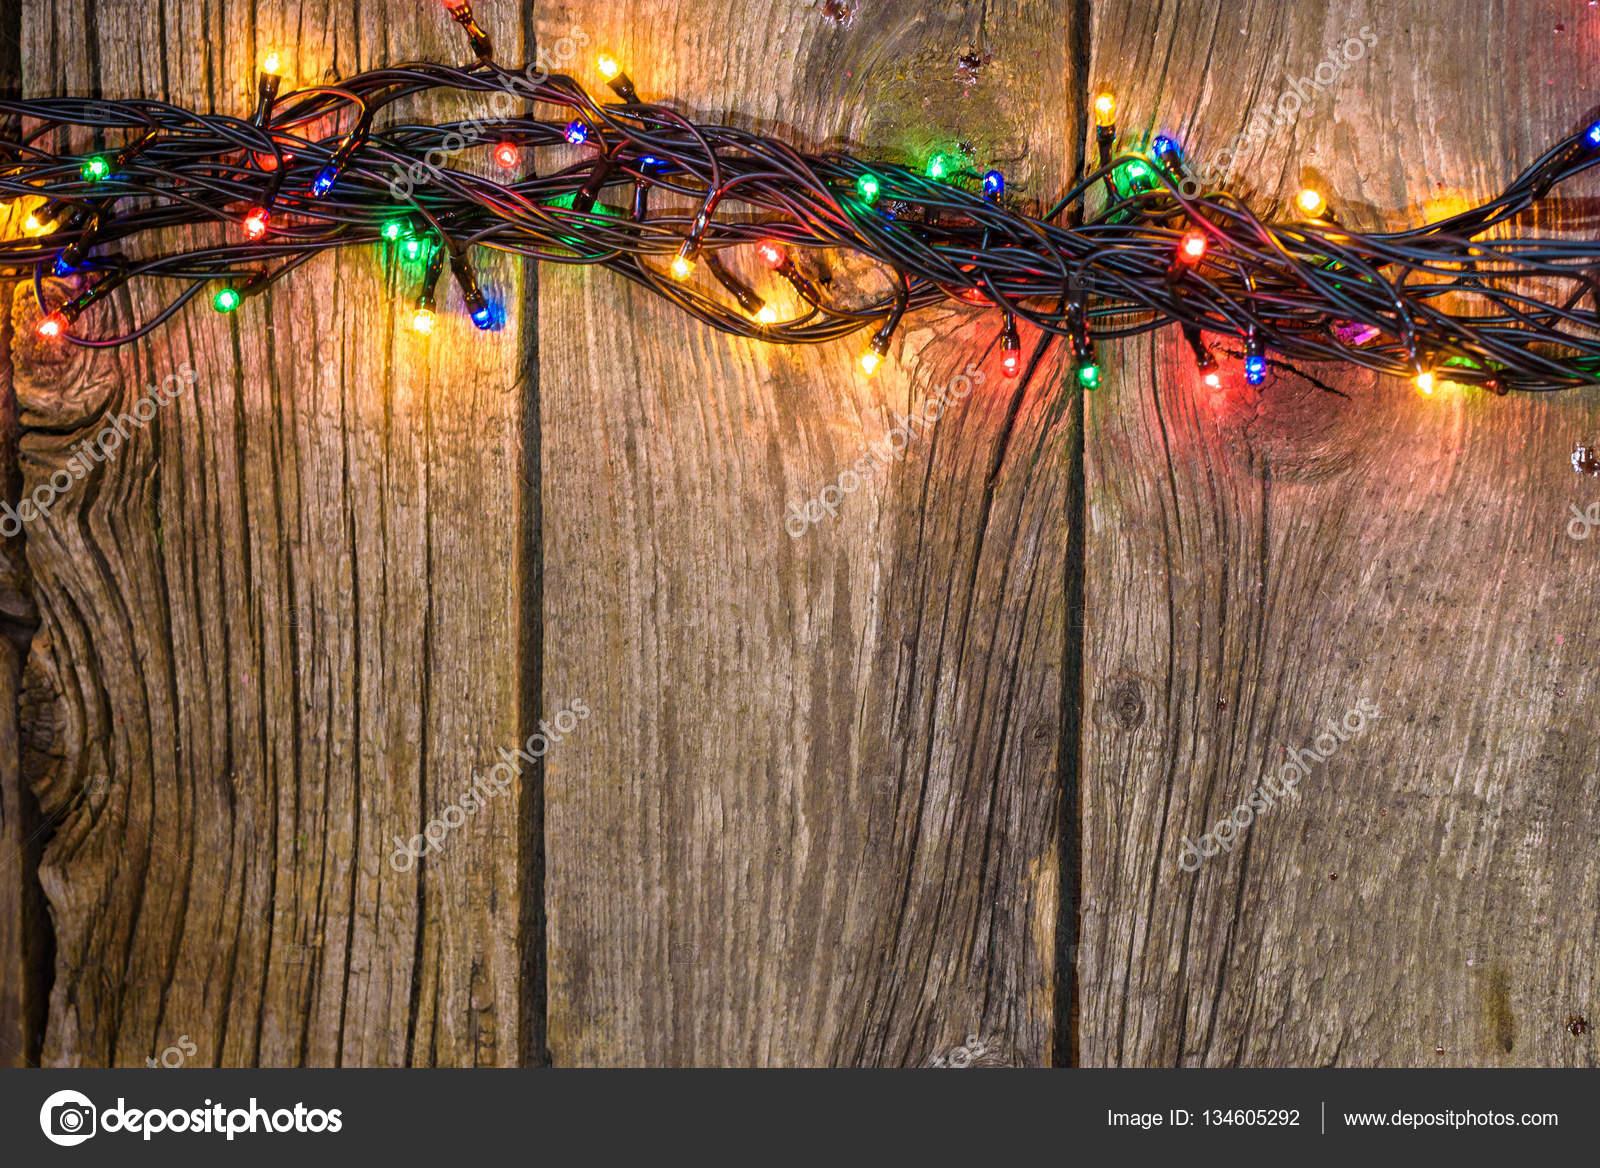 Weihnachten-rustikal-Hintergrund - Beplankung Jahrgang Holz mit ...